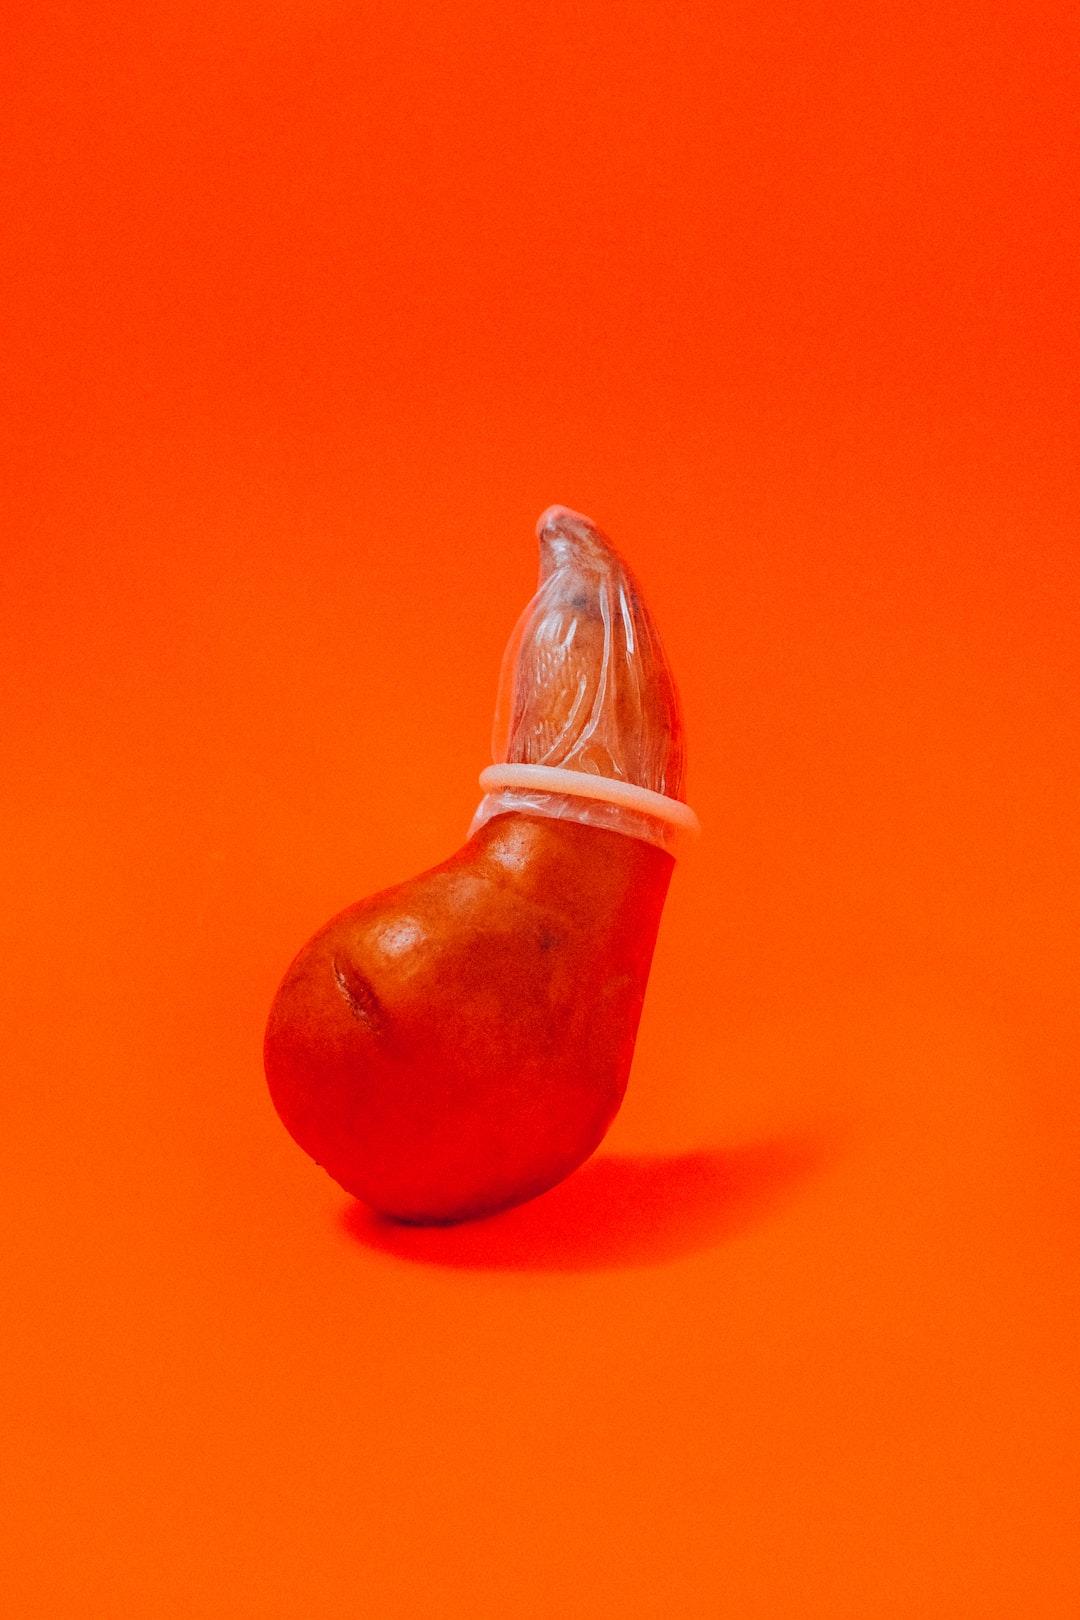 Sex Education: Practice safe sex